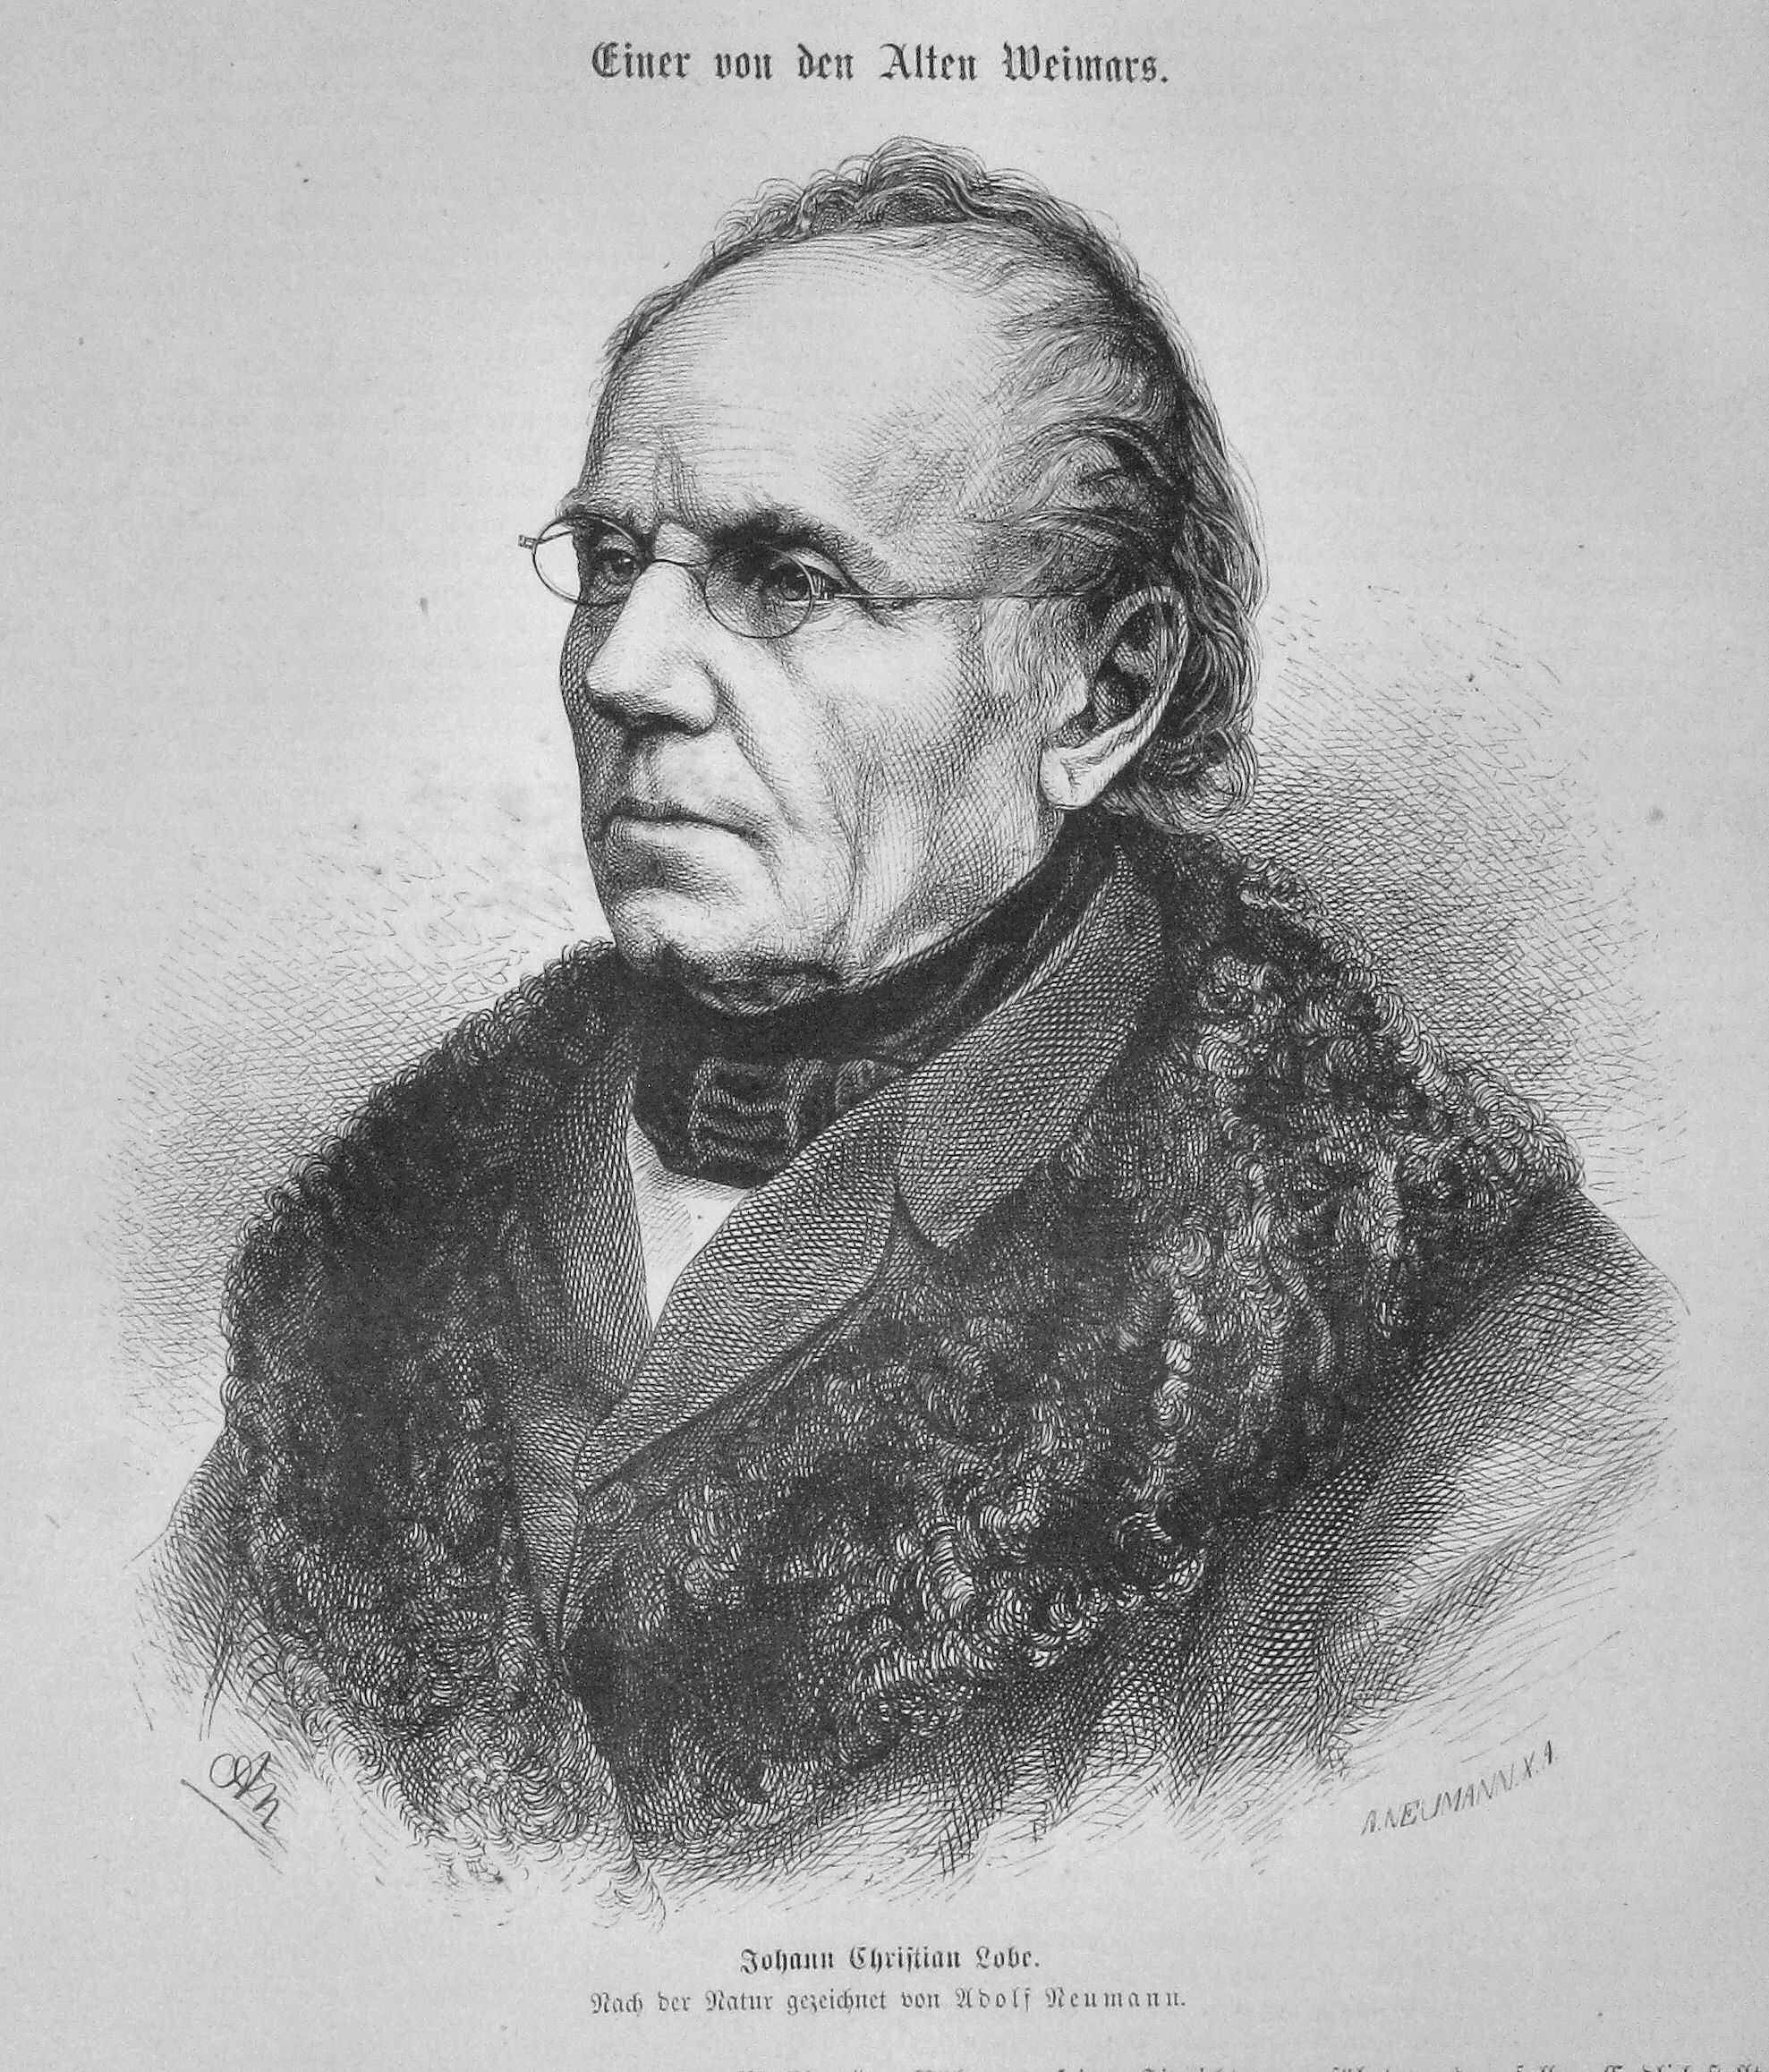 Johann Christian Lobe.